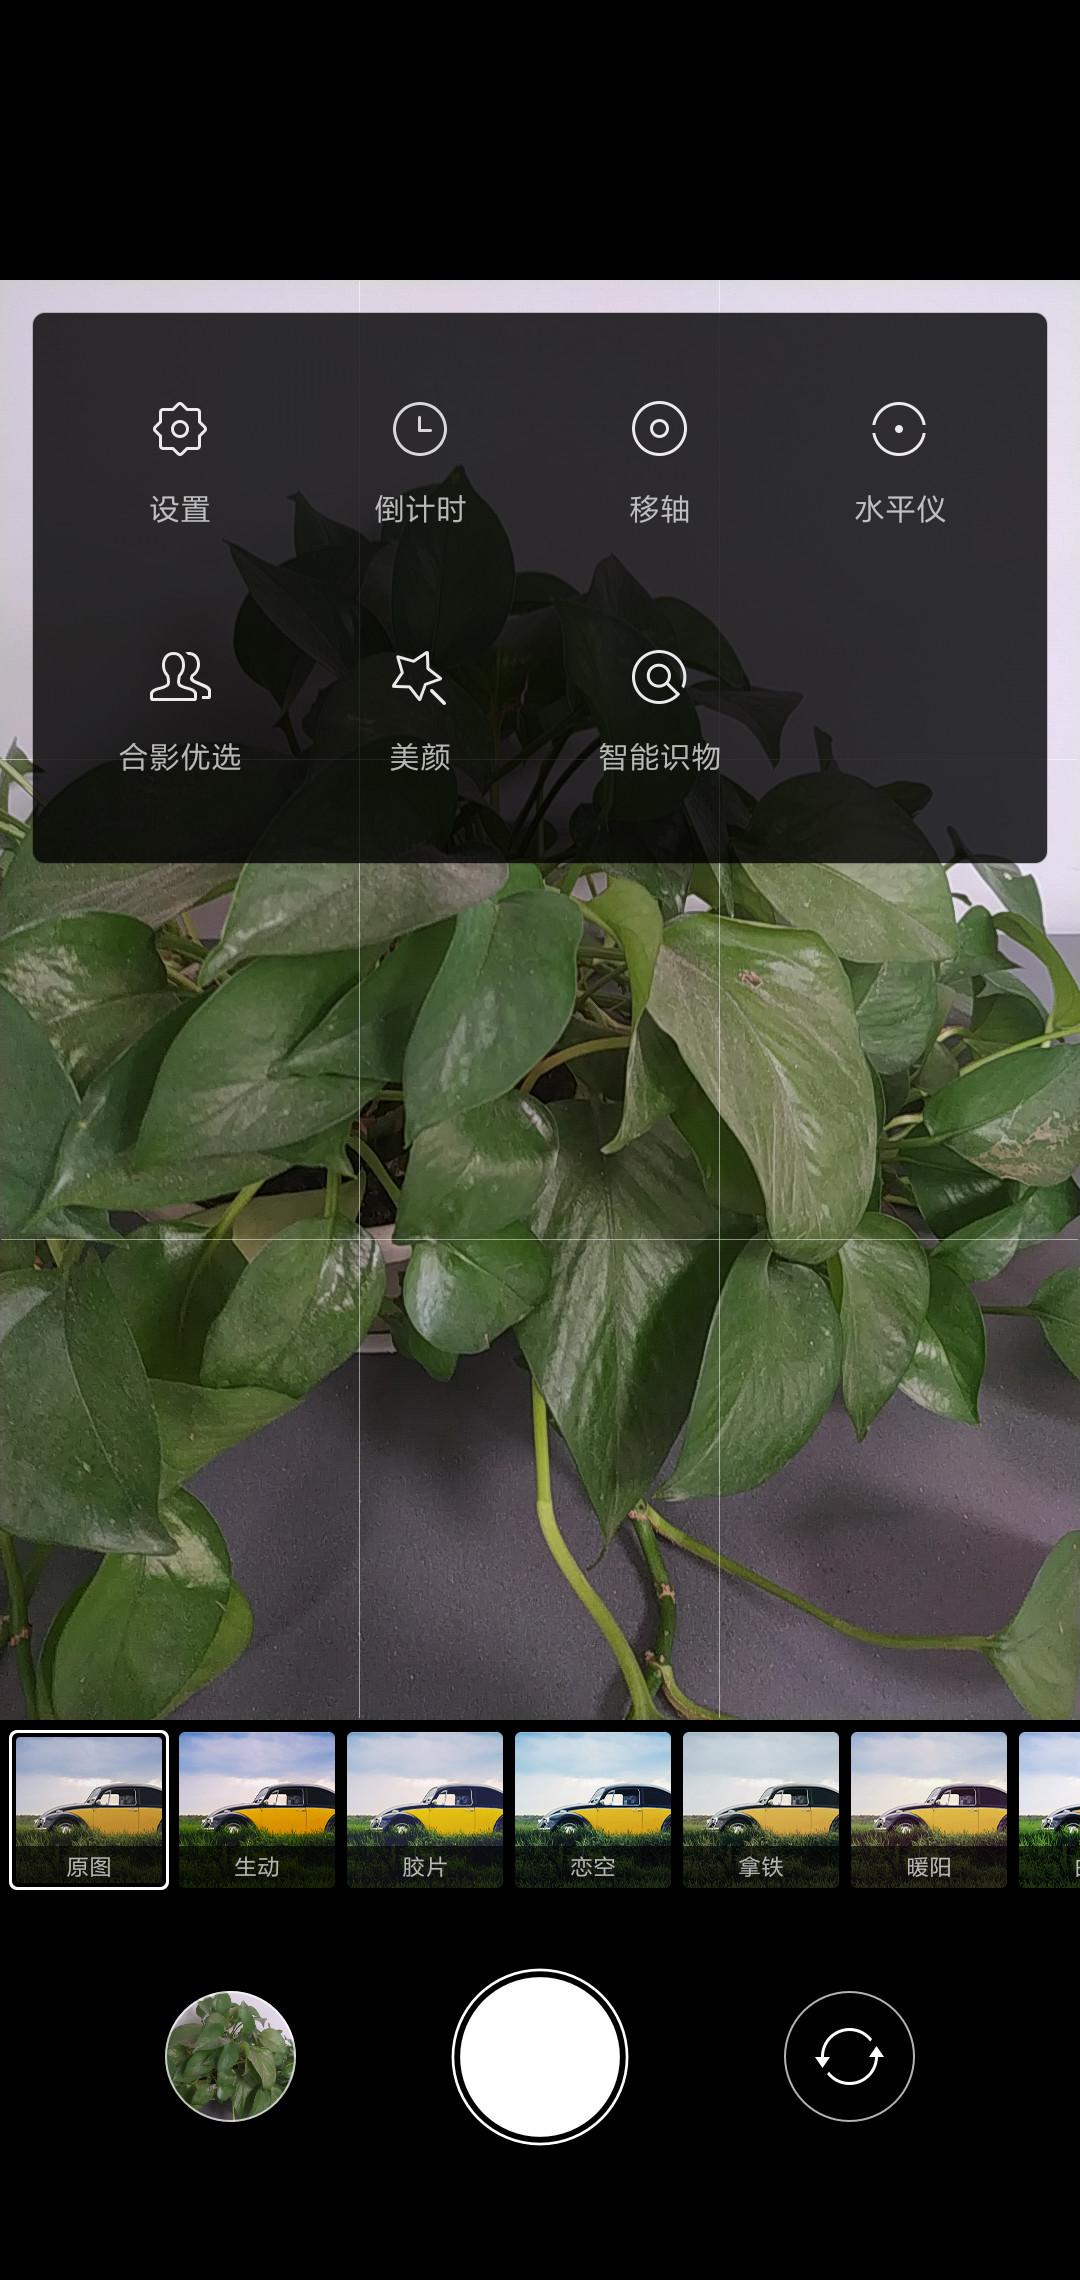 小米8青春版(6+64GB)手机功能界面第8张